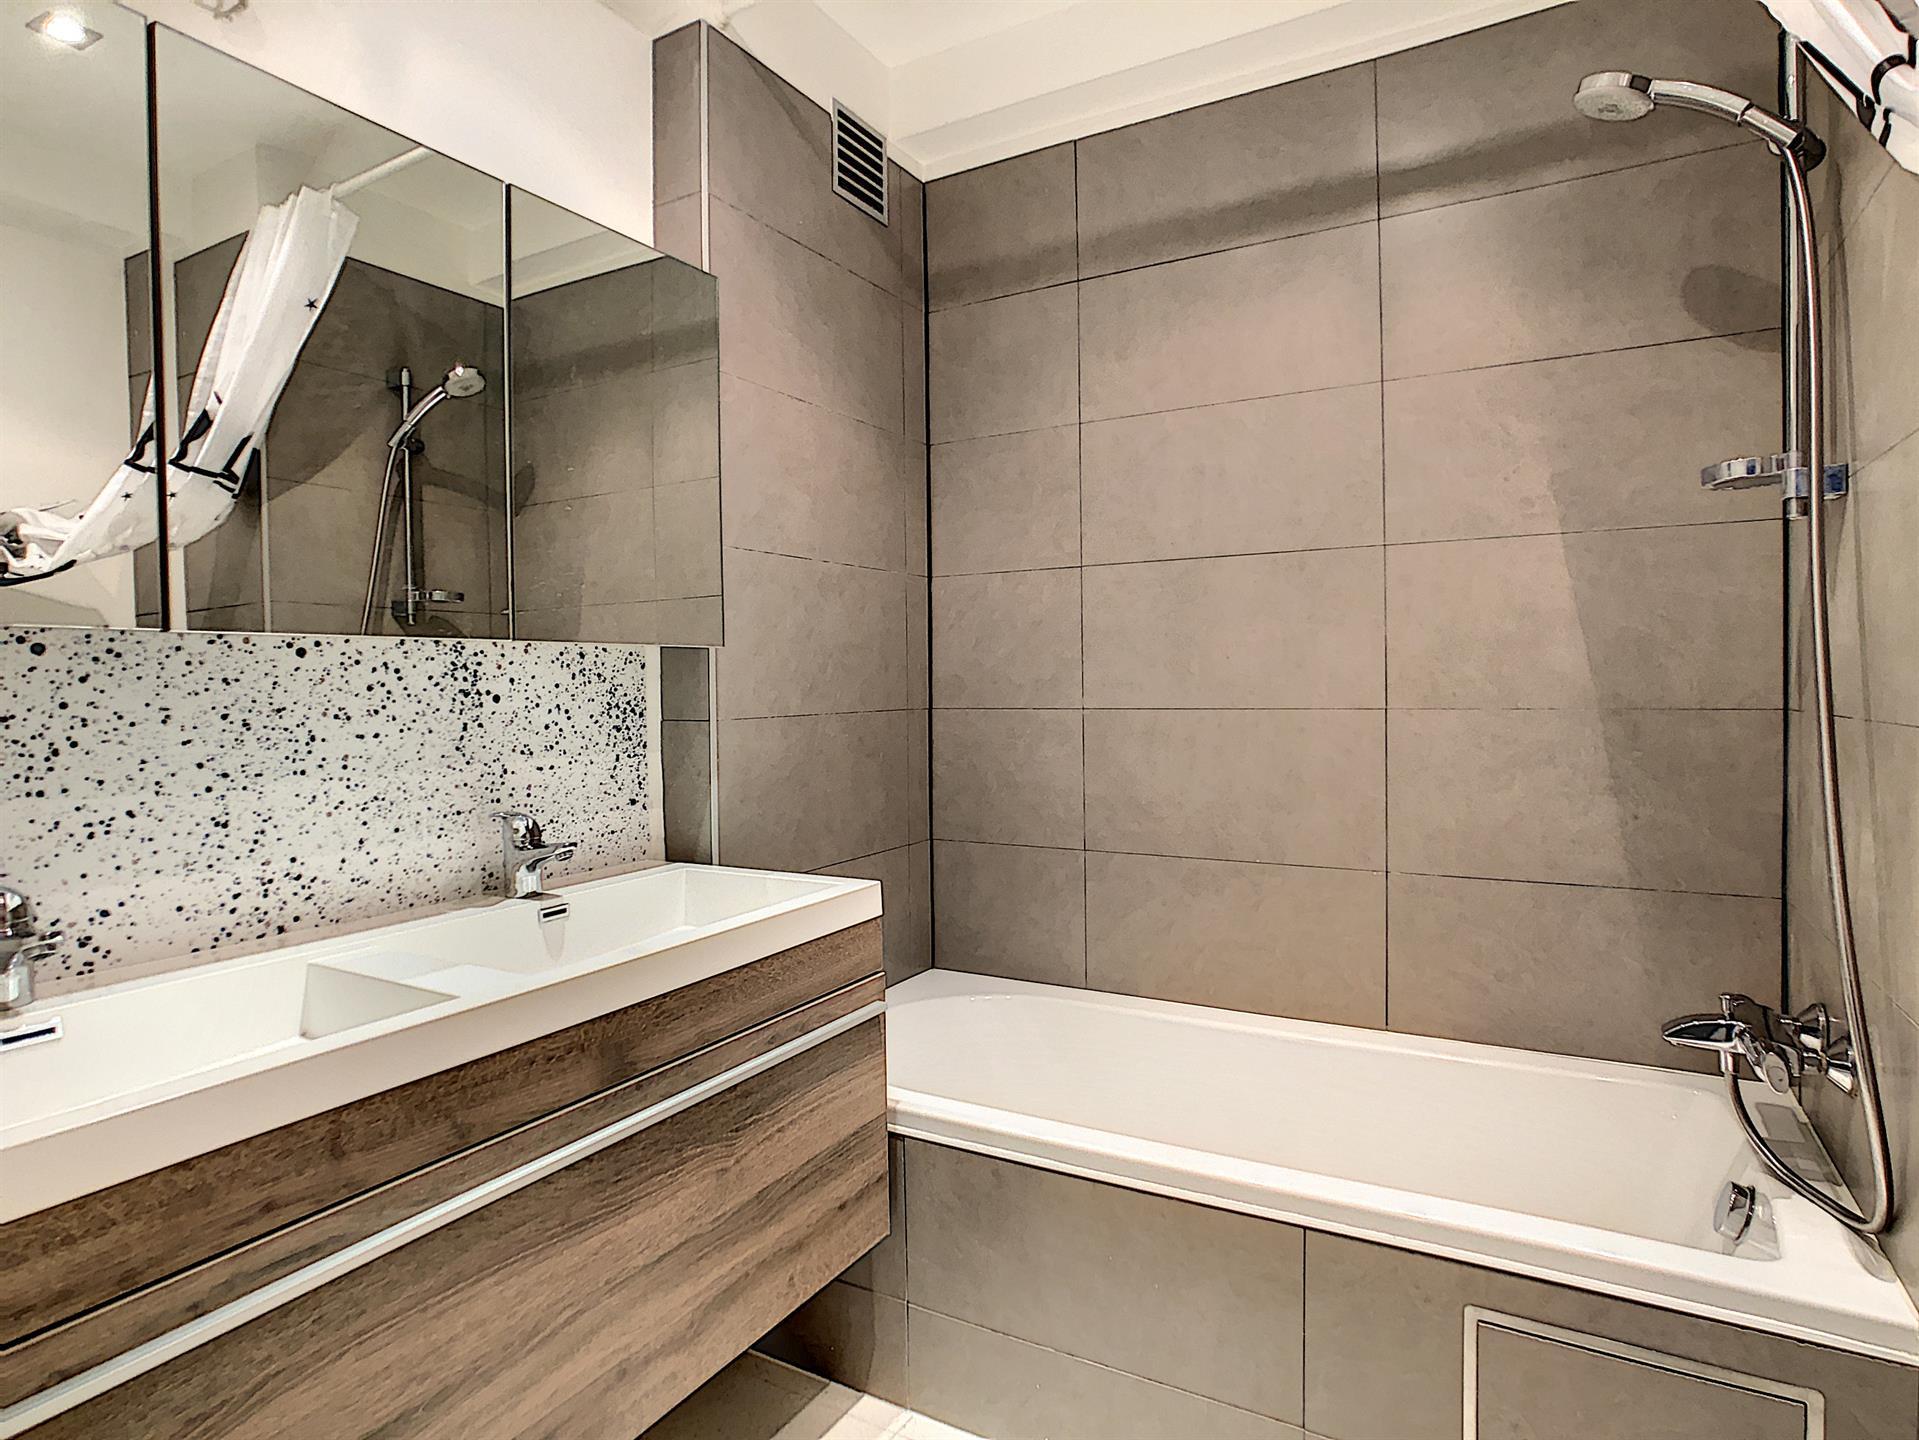 Appartement - Koekelberg - #4236930-2